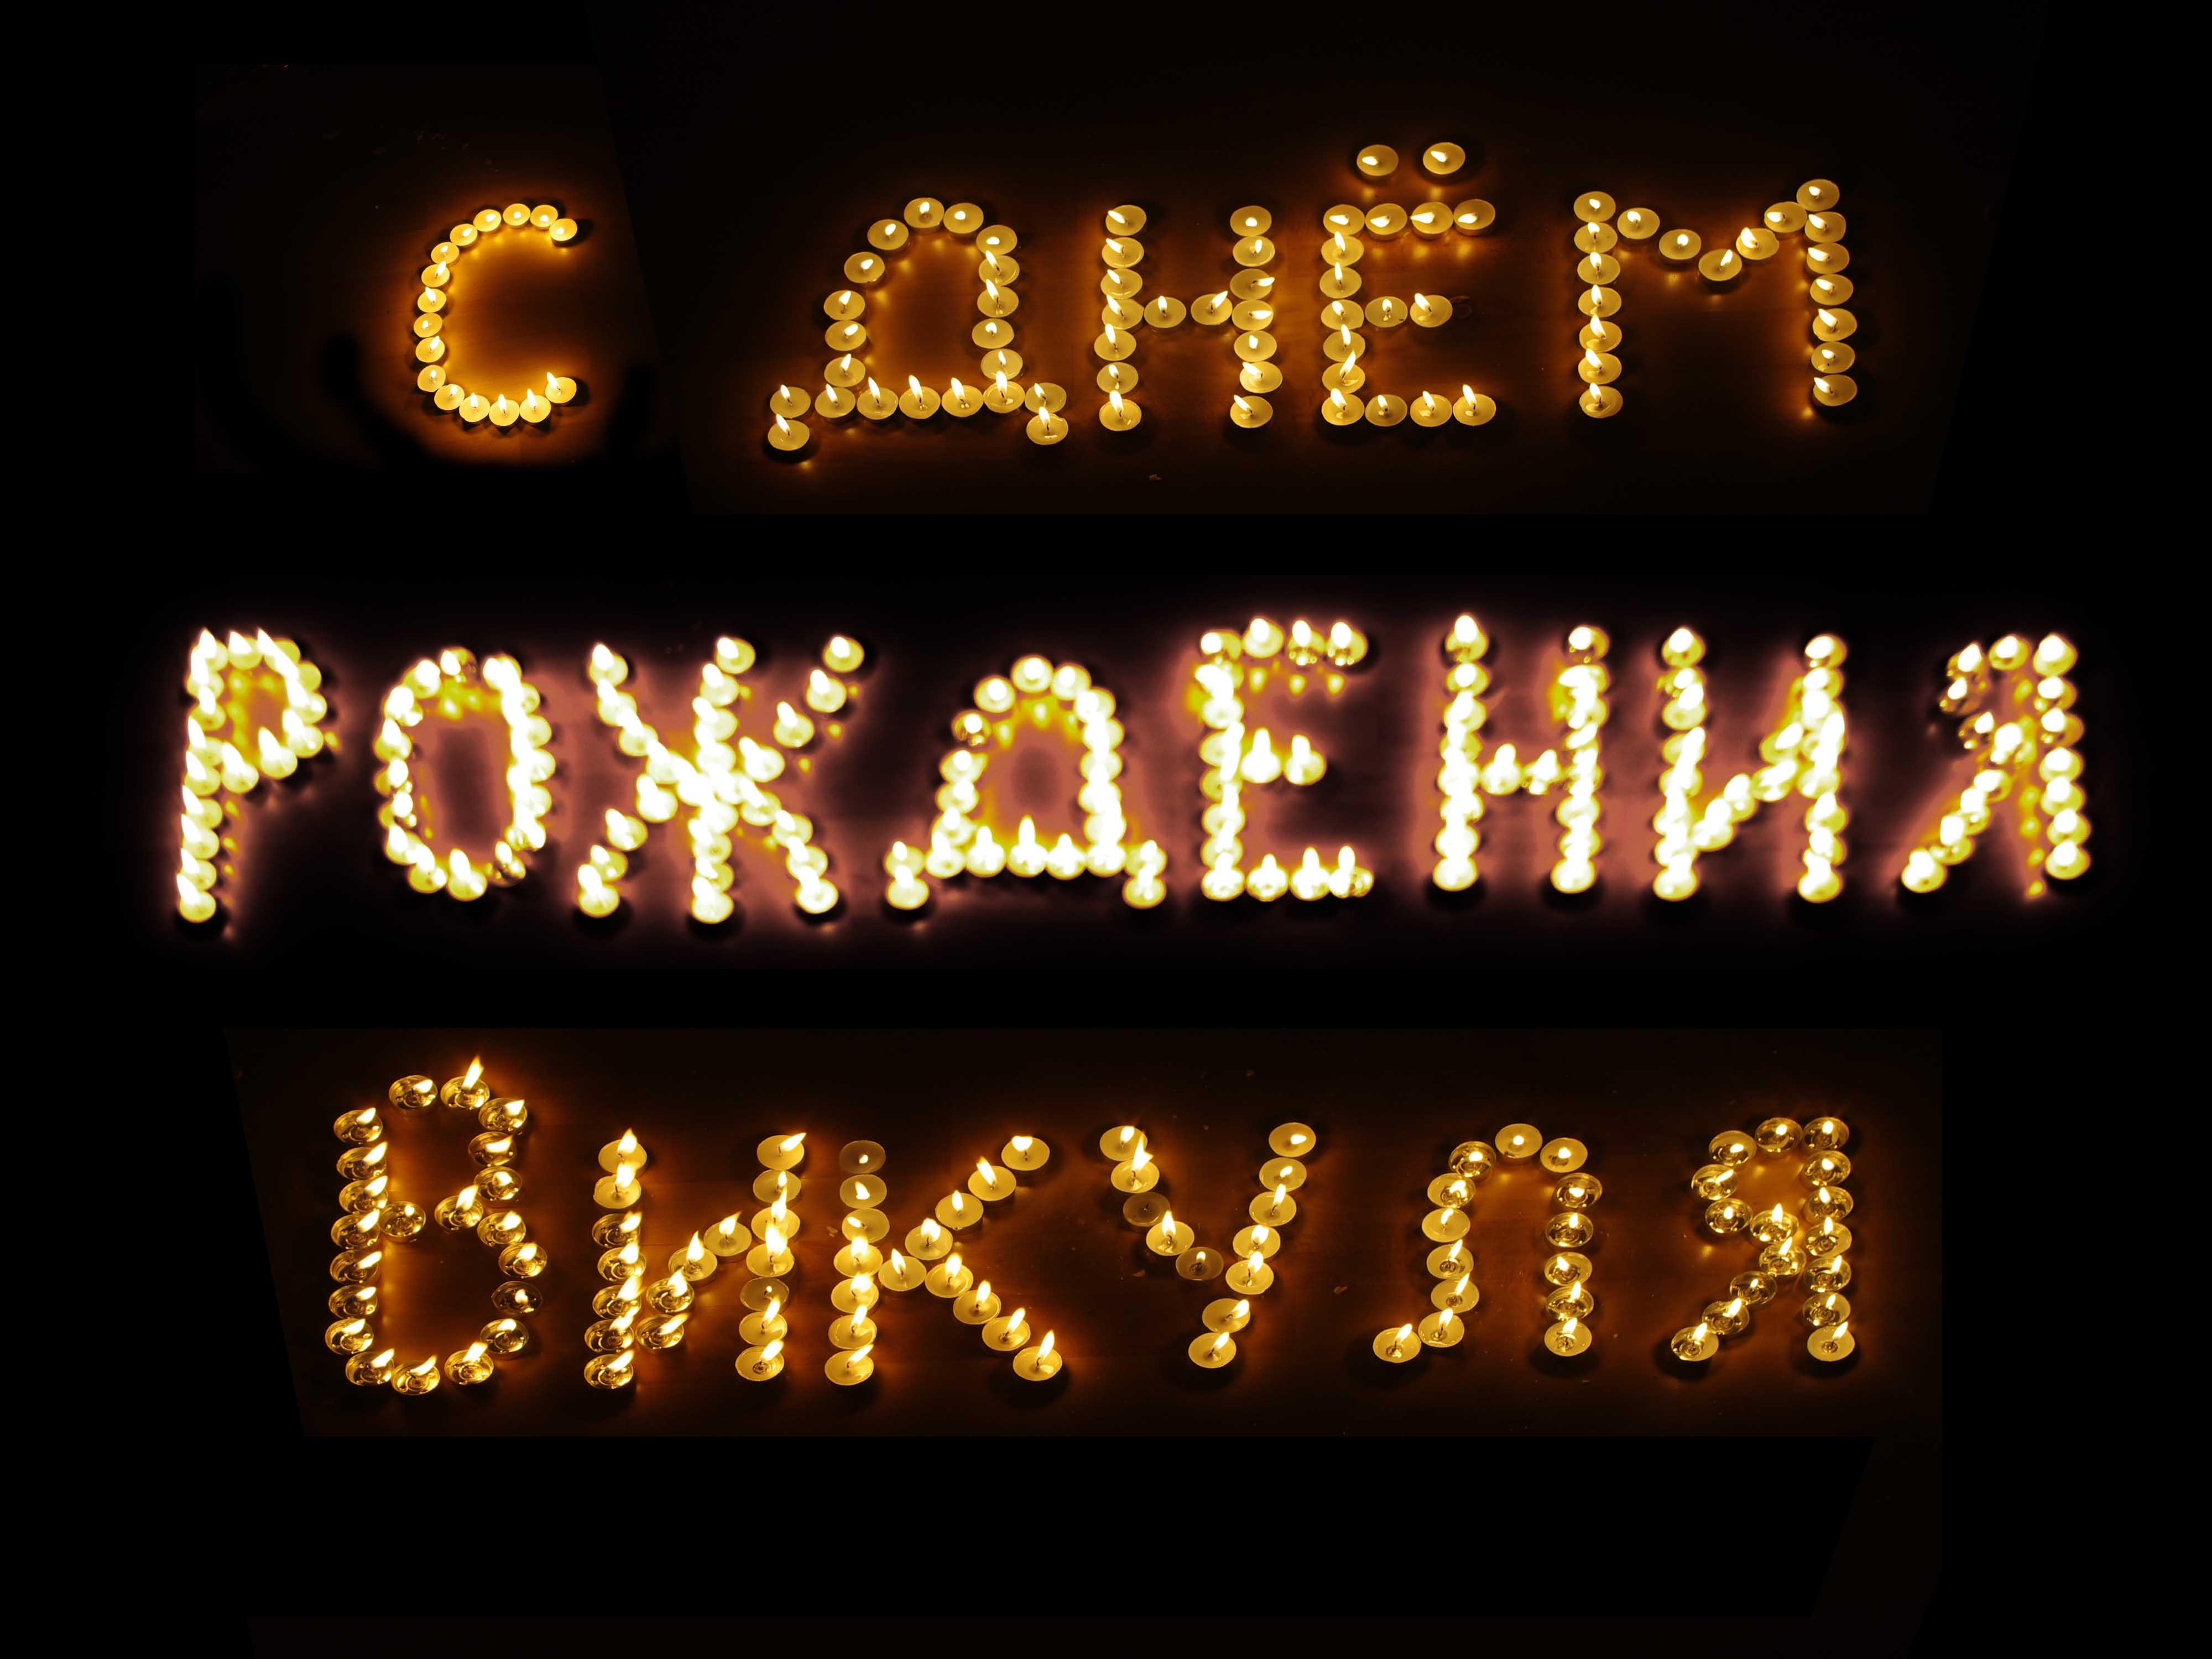 С днем рождения картинки с надписями вика